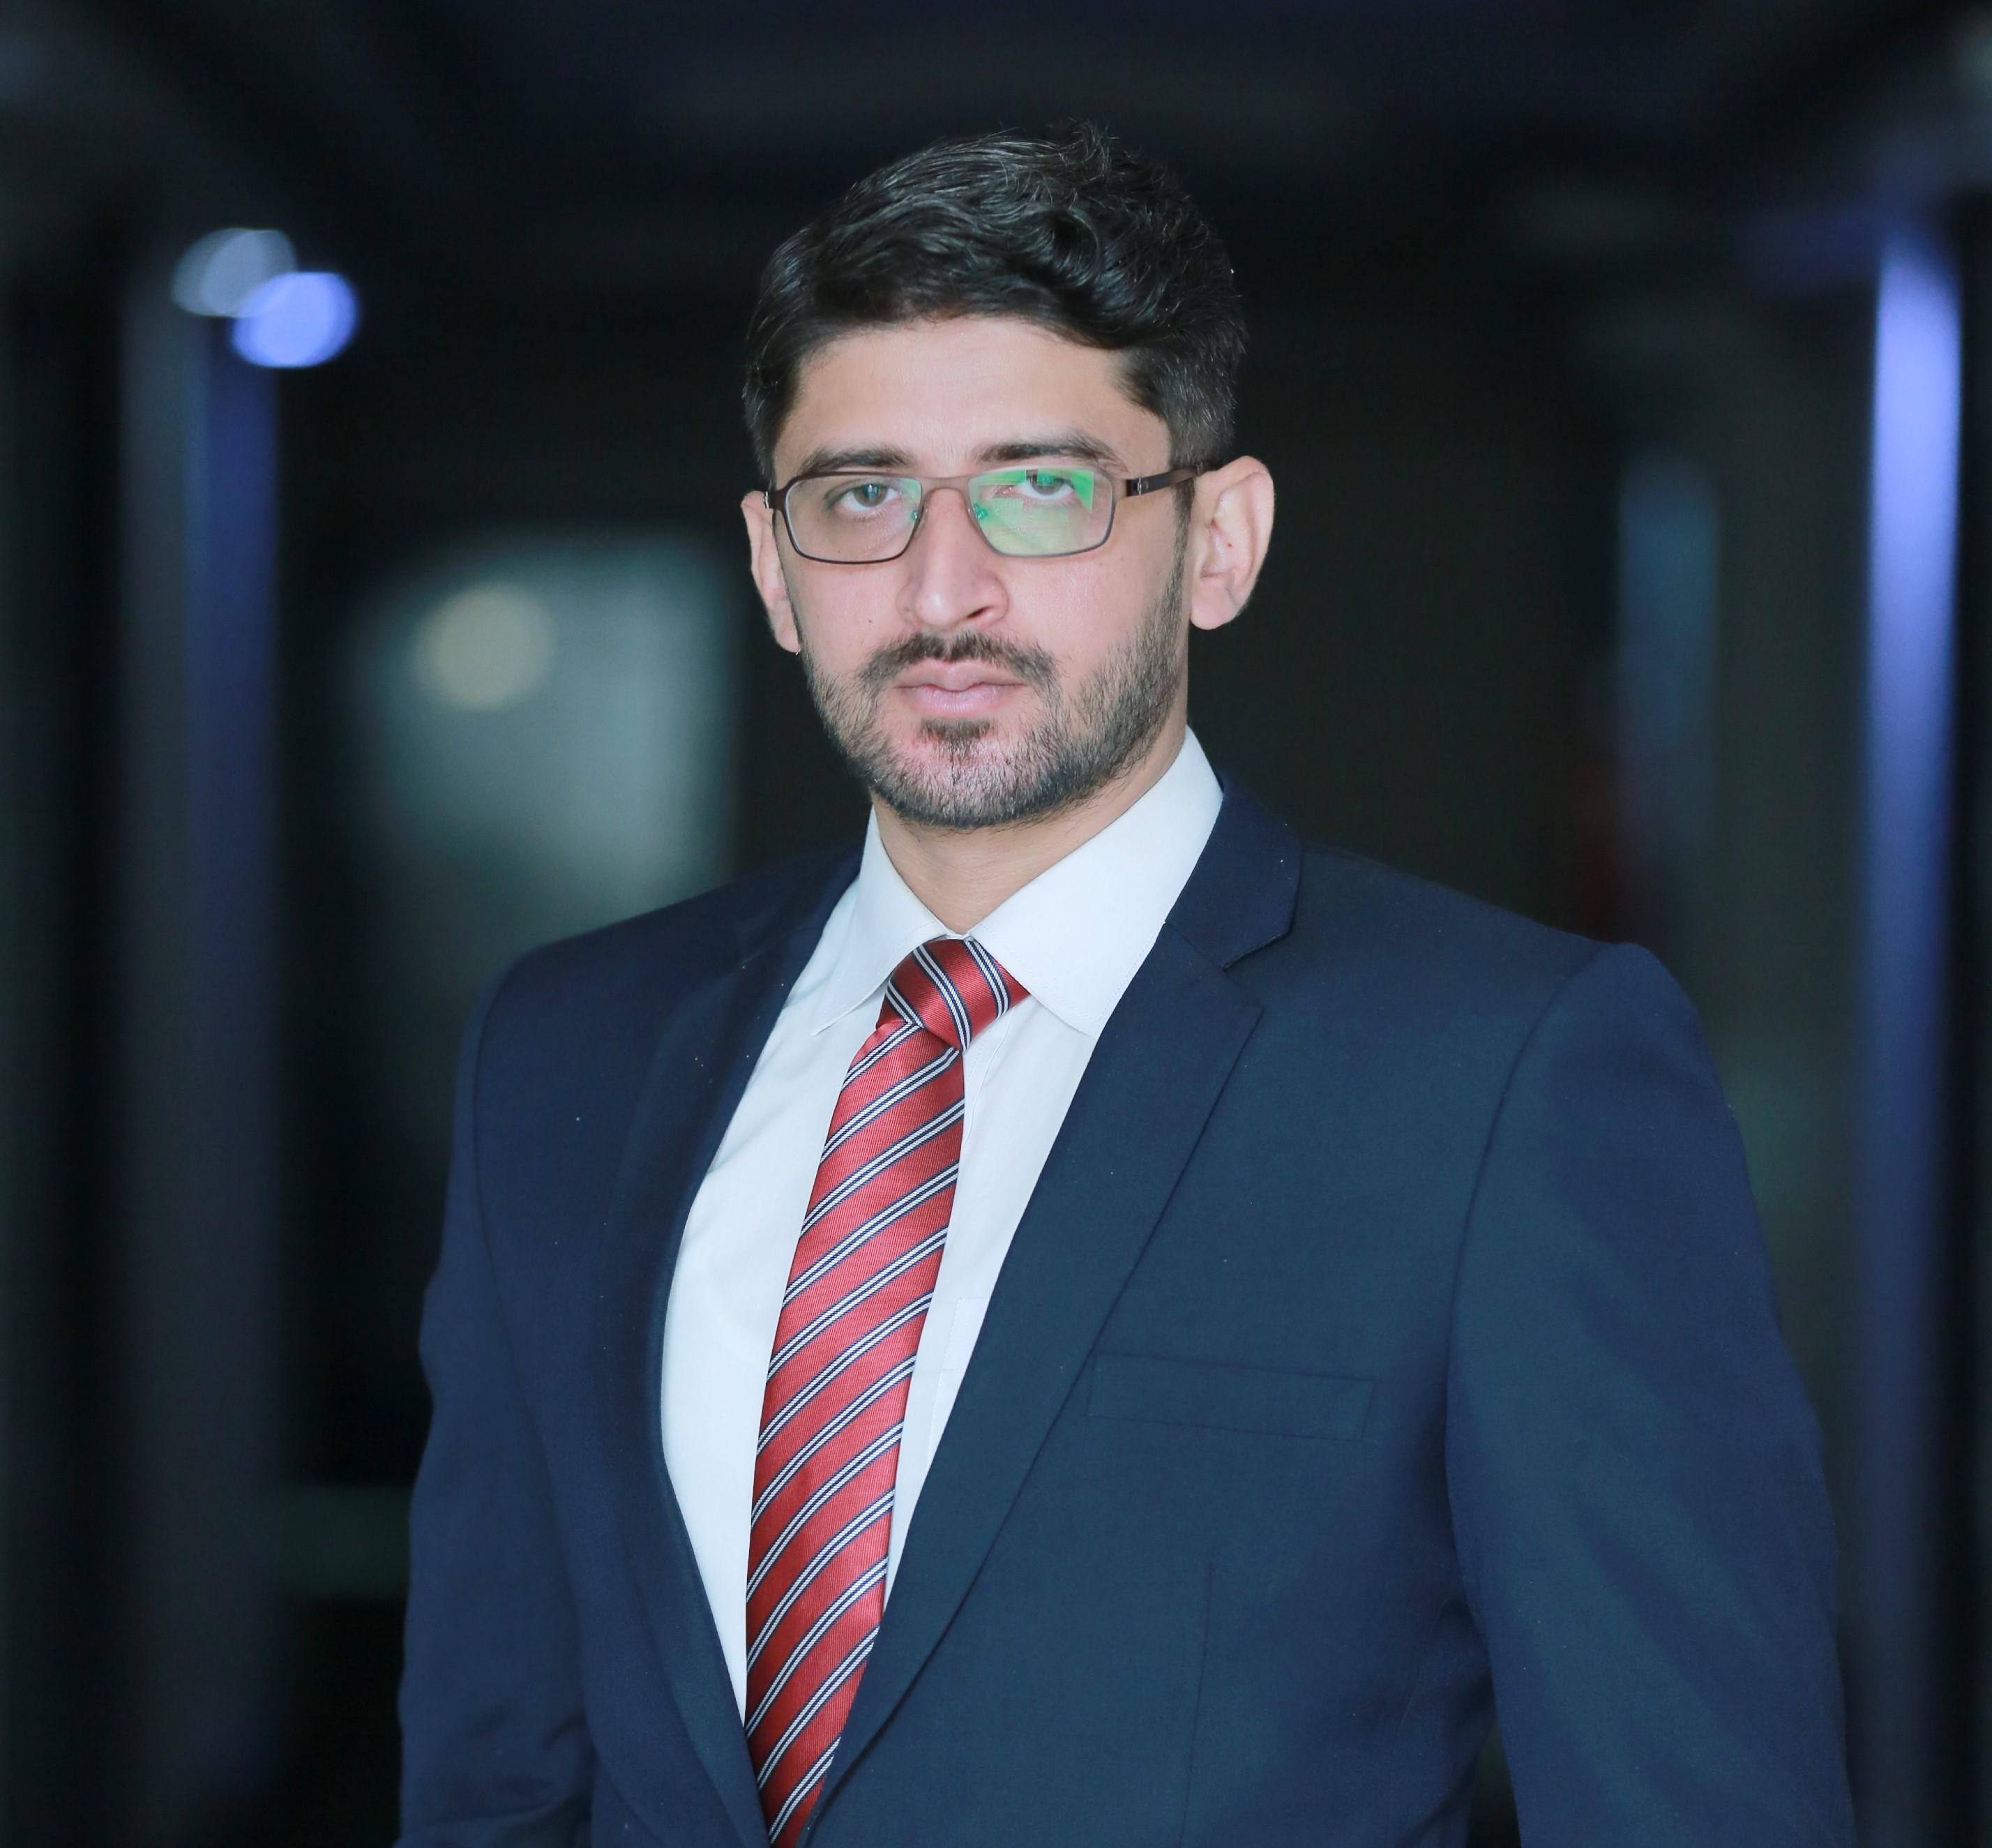 Dr. Moeenuddin Tariq